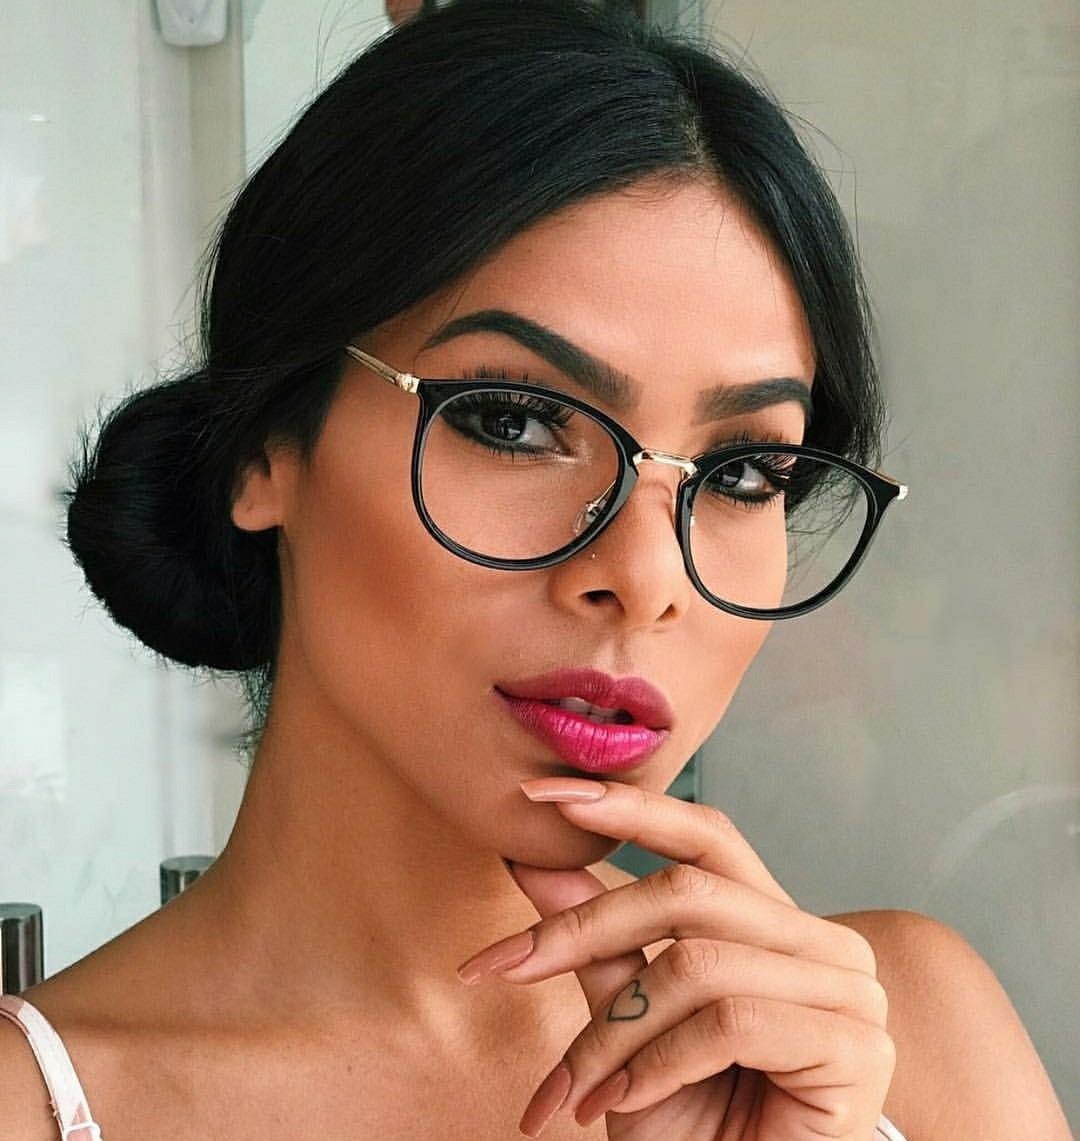 aaf35456af8a7 óculos lente transparente sem grau redondo dia noite barato. Carregando zoom .